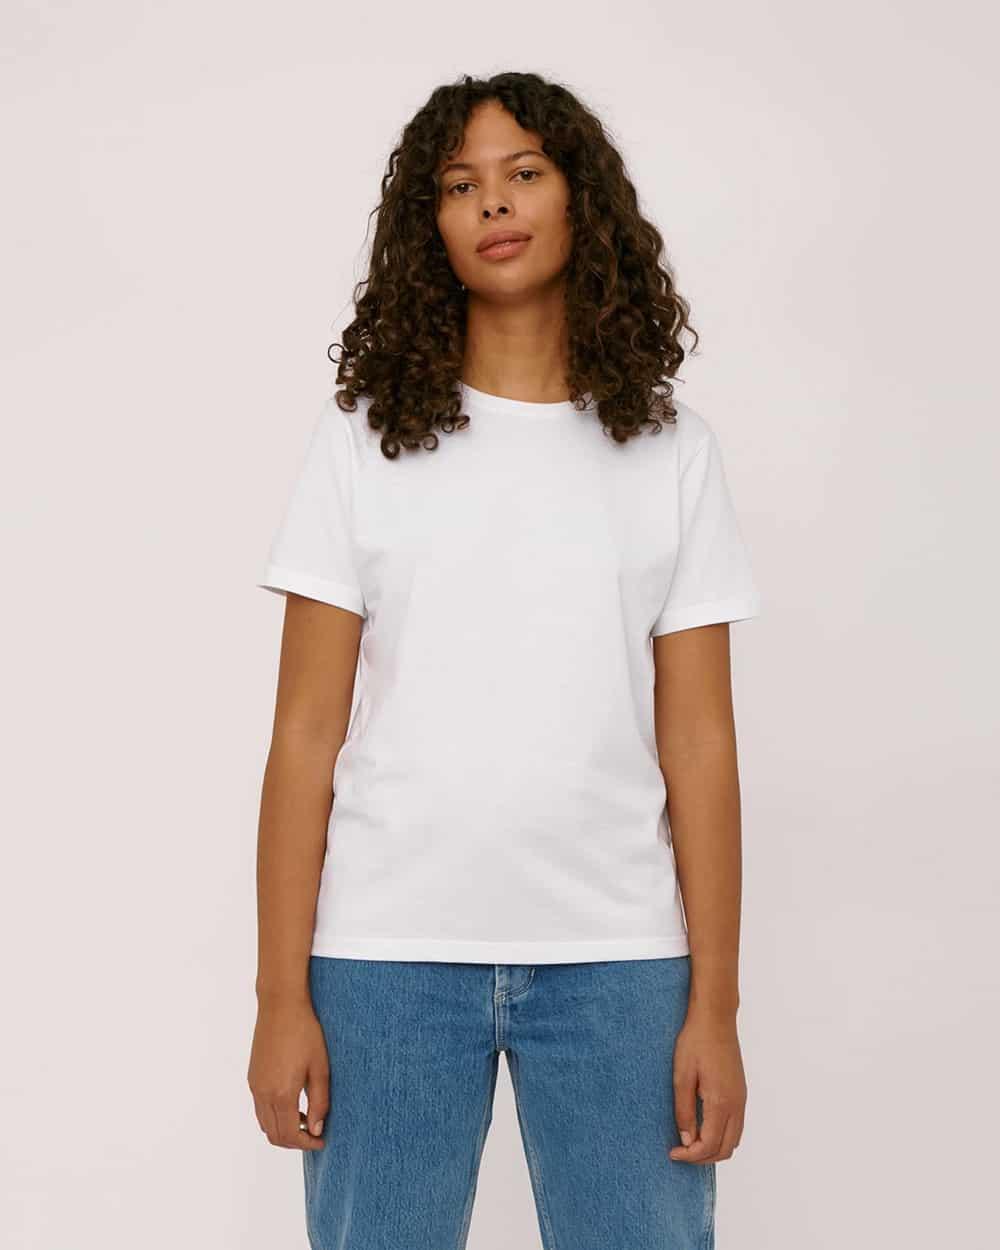 7 savršenih: Organic Basics bijeli T-shirt za proljeće 2021.